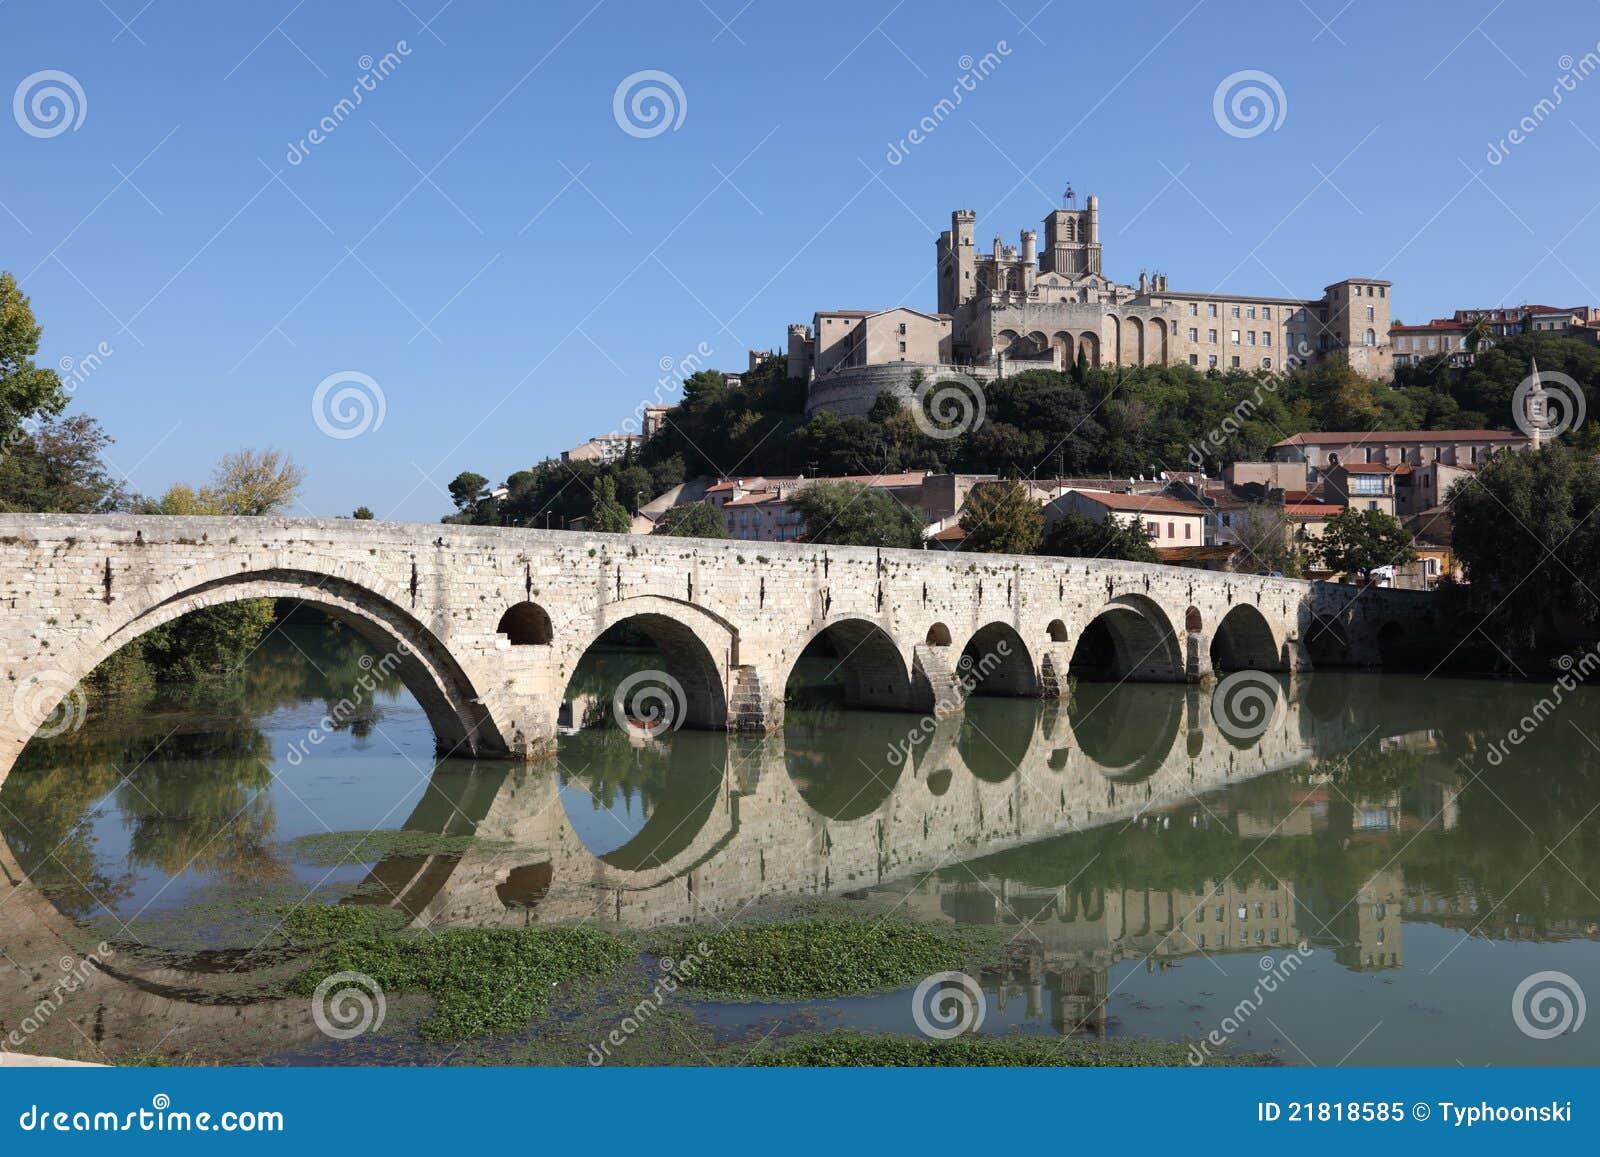 pont vieux en beziers francia foto de archivo libre de regal as imagen 21818585. Black Bedroom Furniture Sets. Home Design Ideas